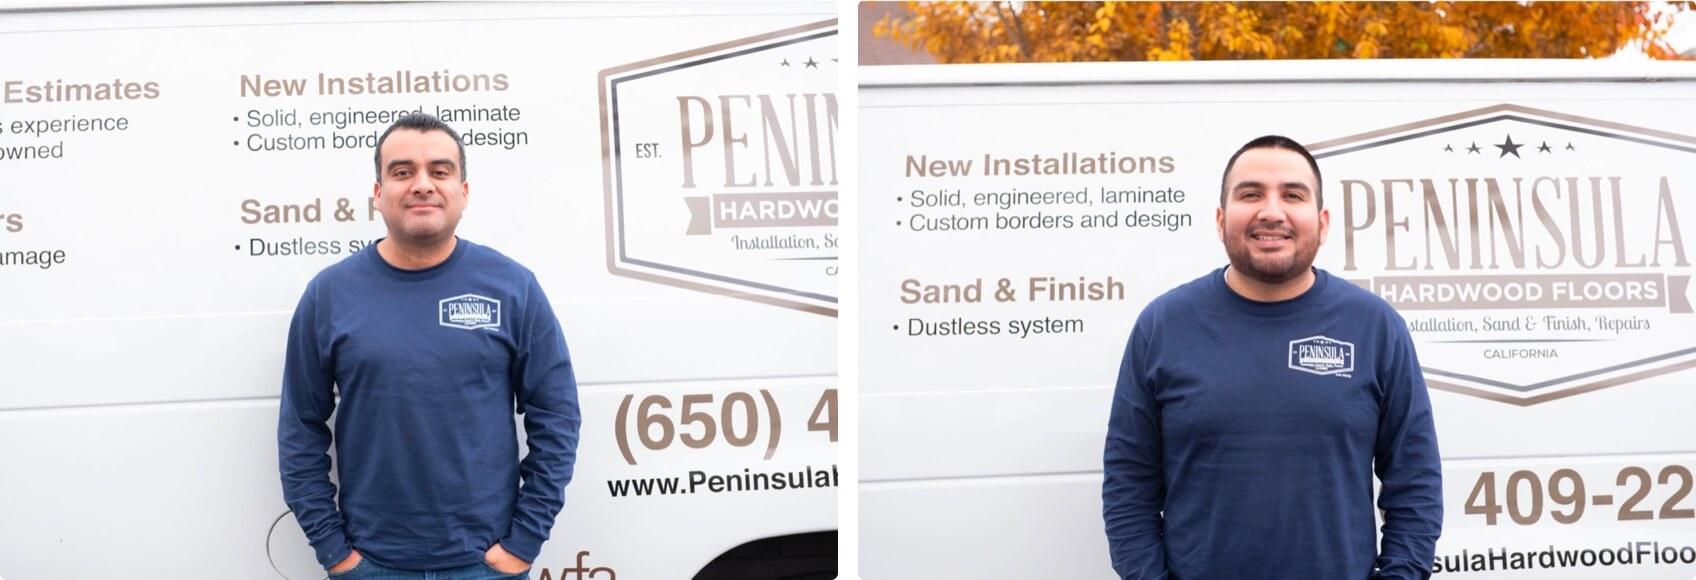 More grid images of Peninsula team members.